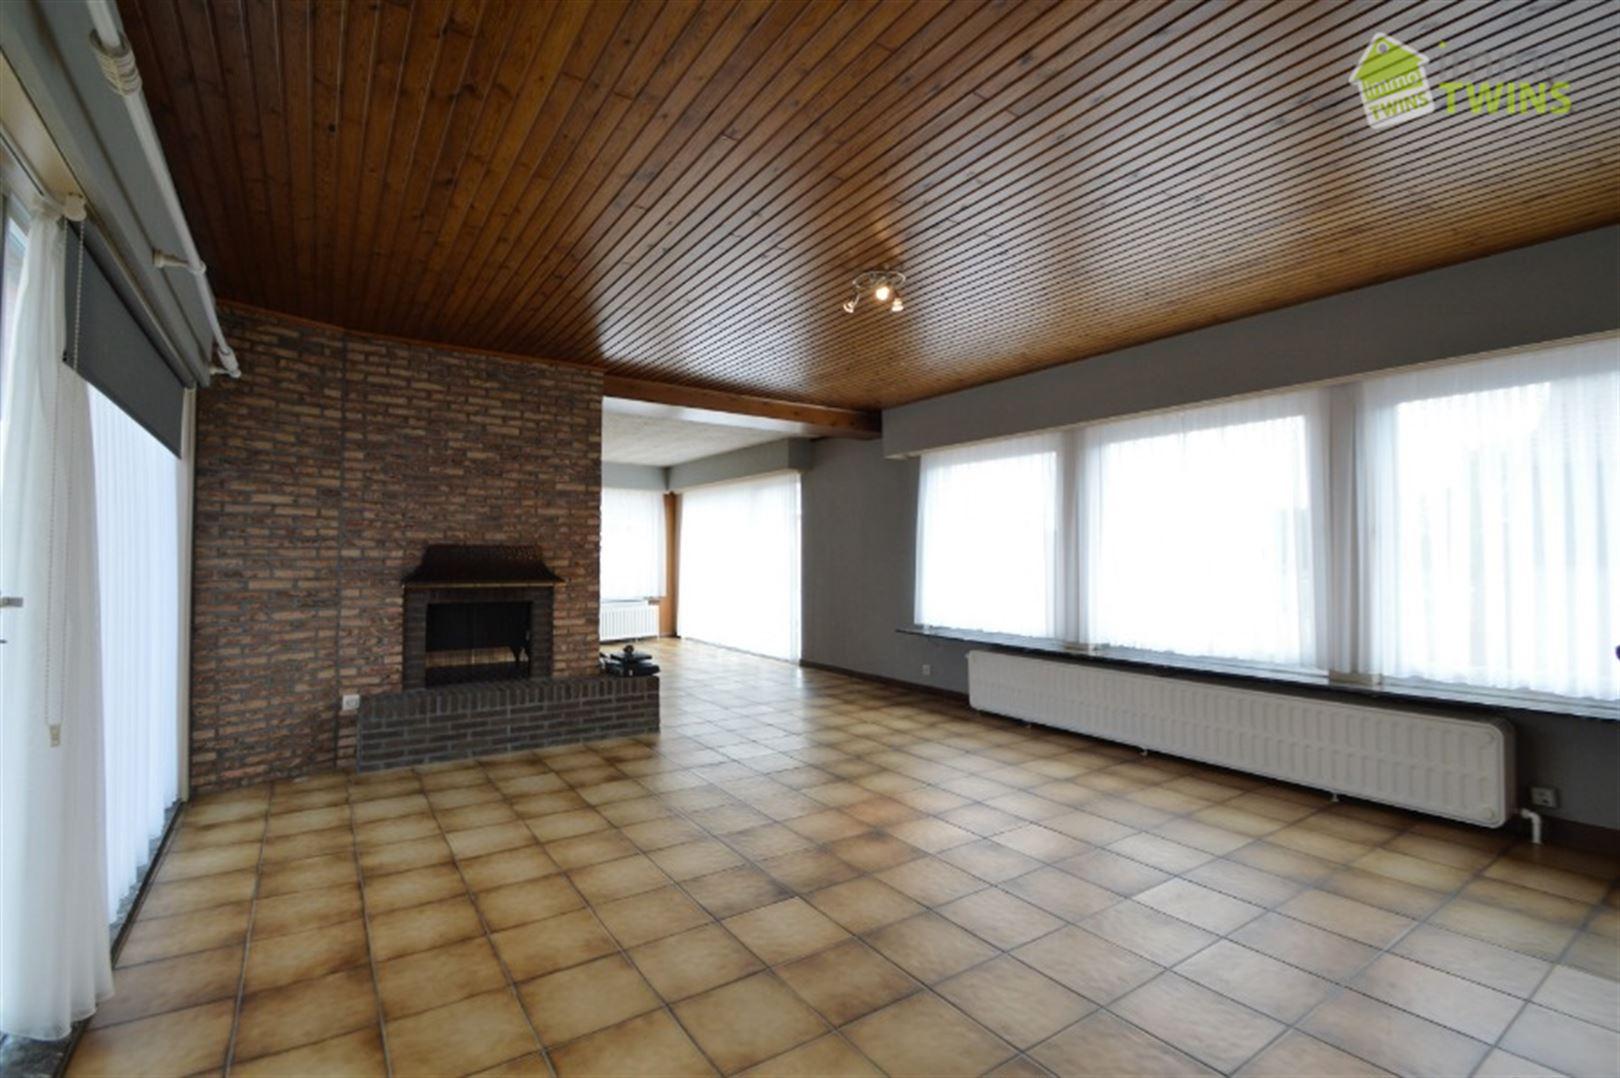 Foto 3 : Appartement te 9200 Oudegem (België) - Prijs € 700